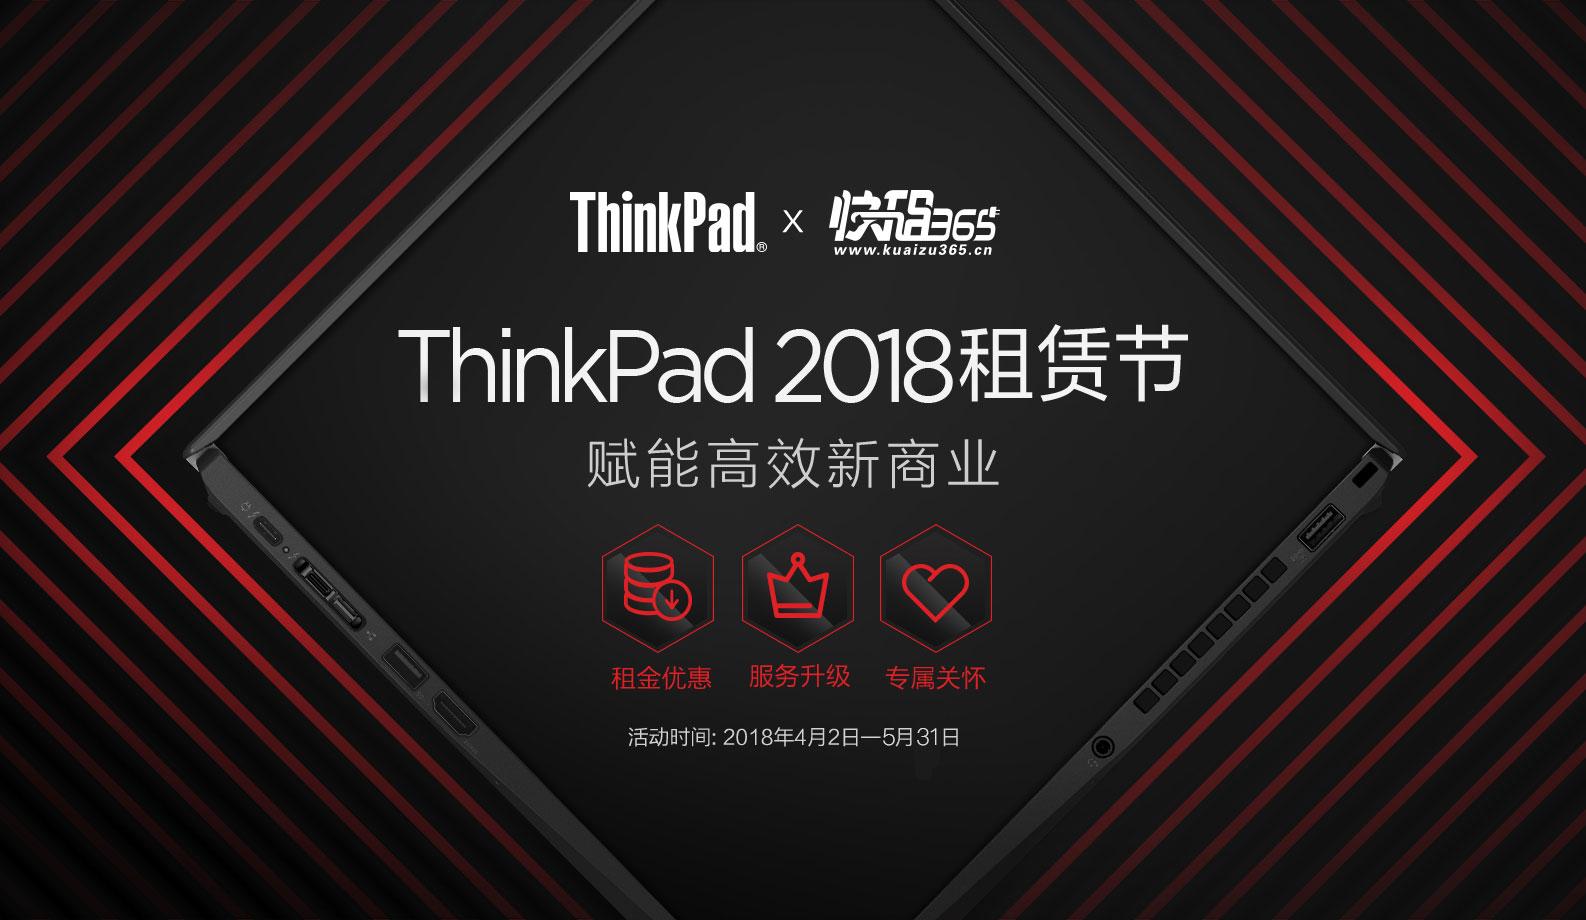 ThinkPad租赁节